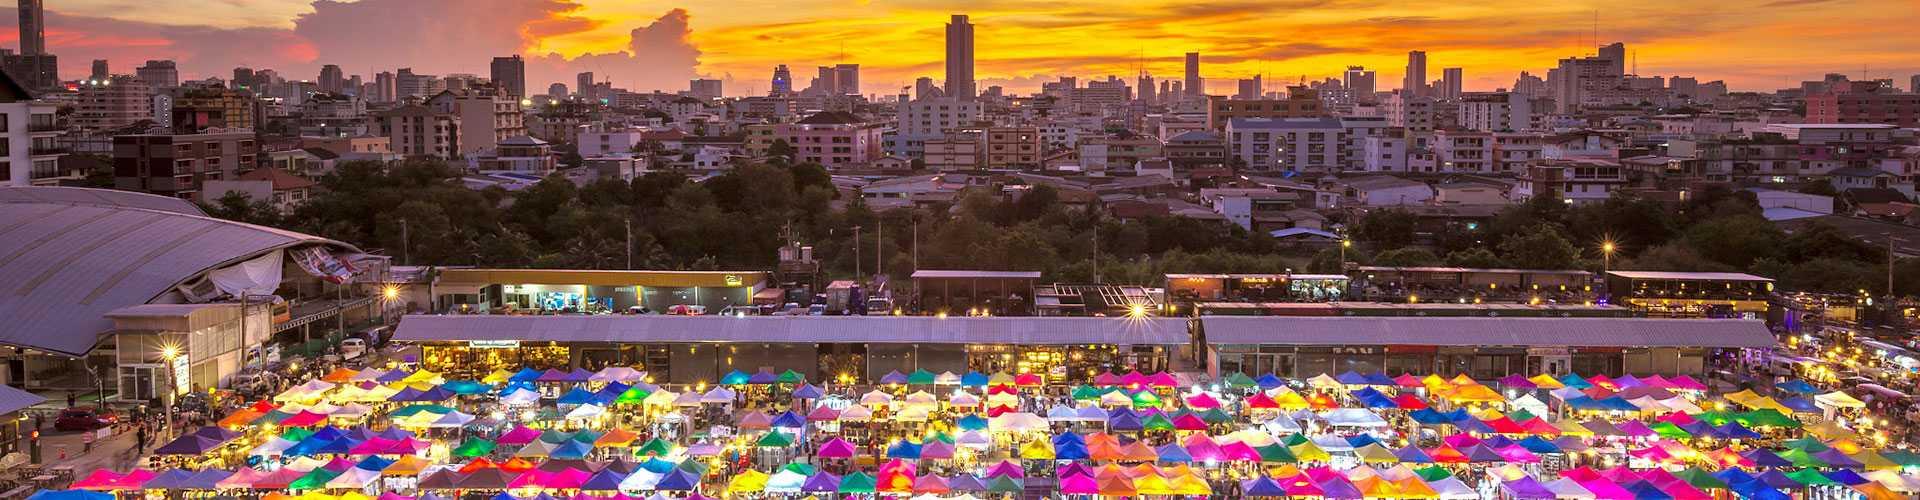 mercado nocturno de bangkok